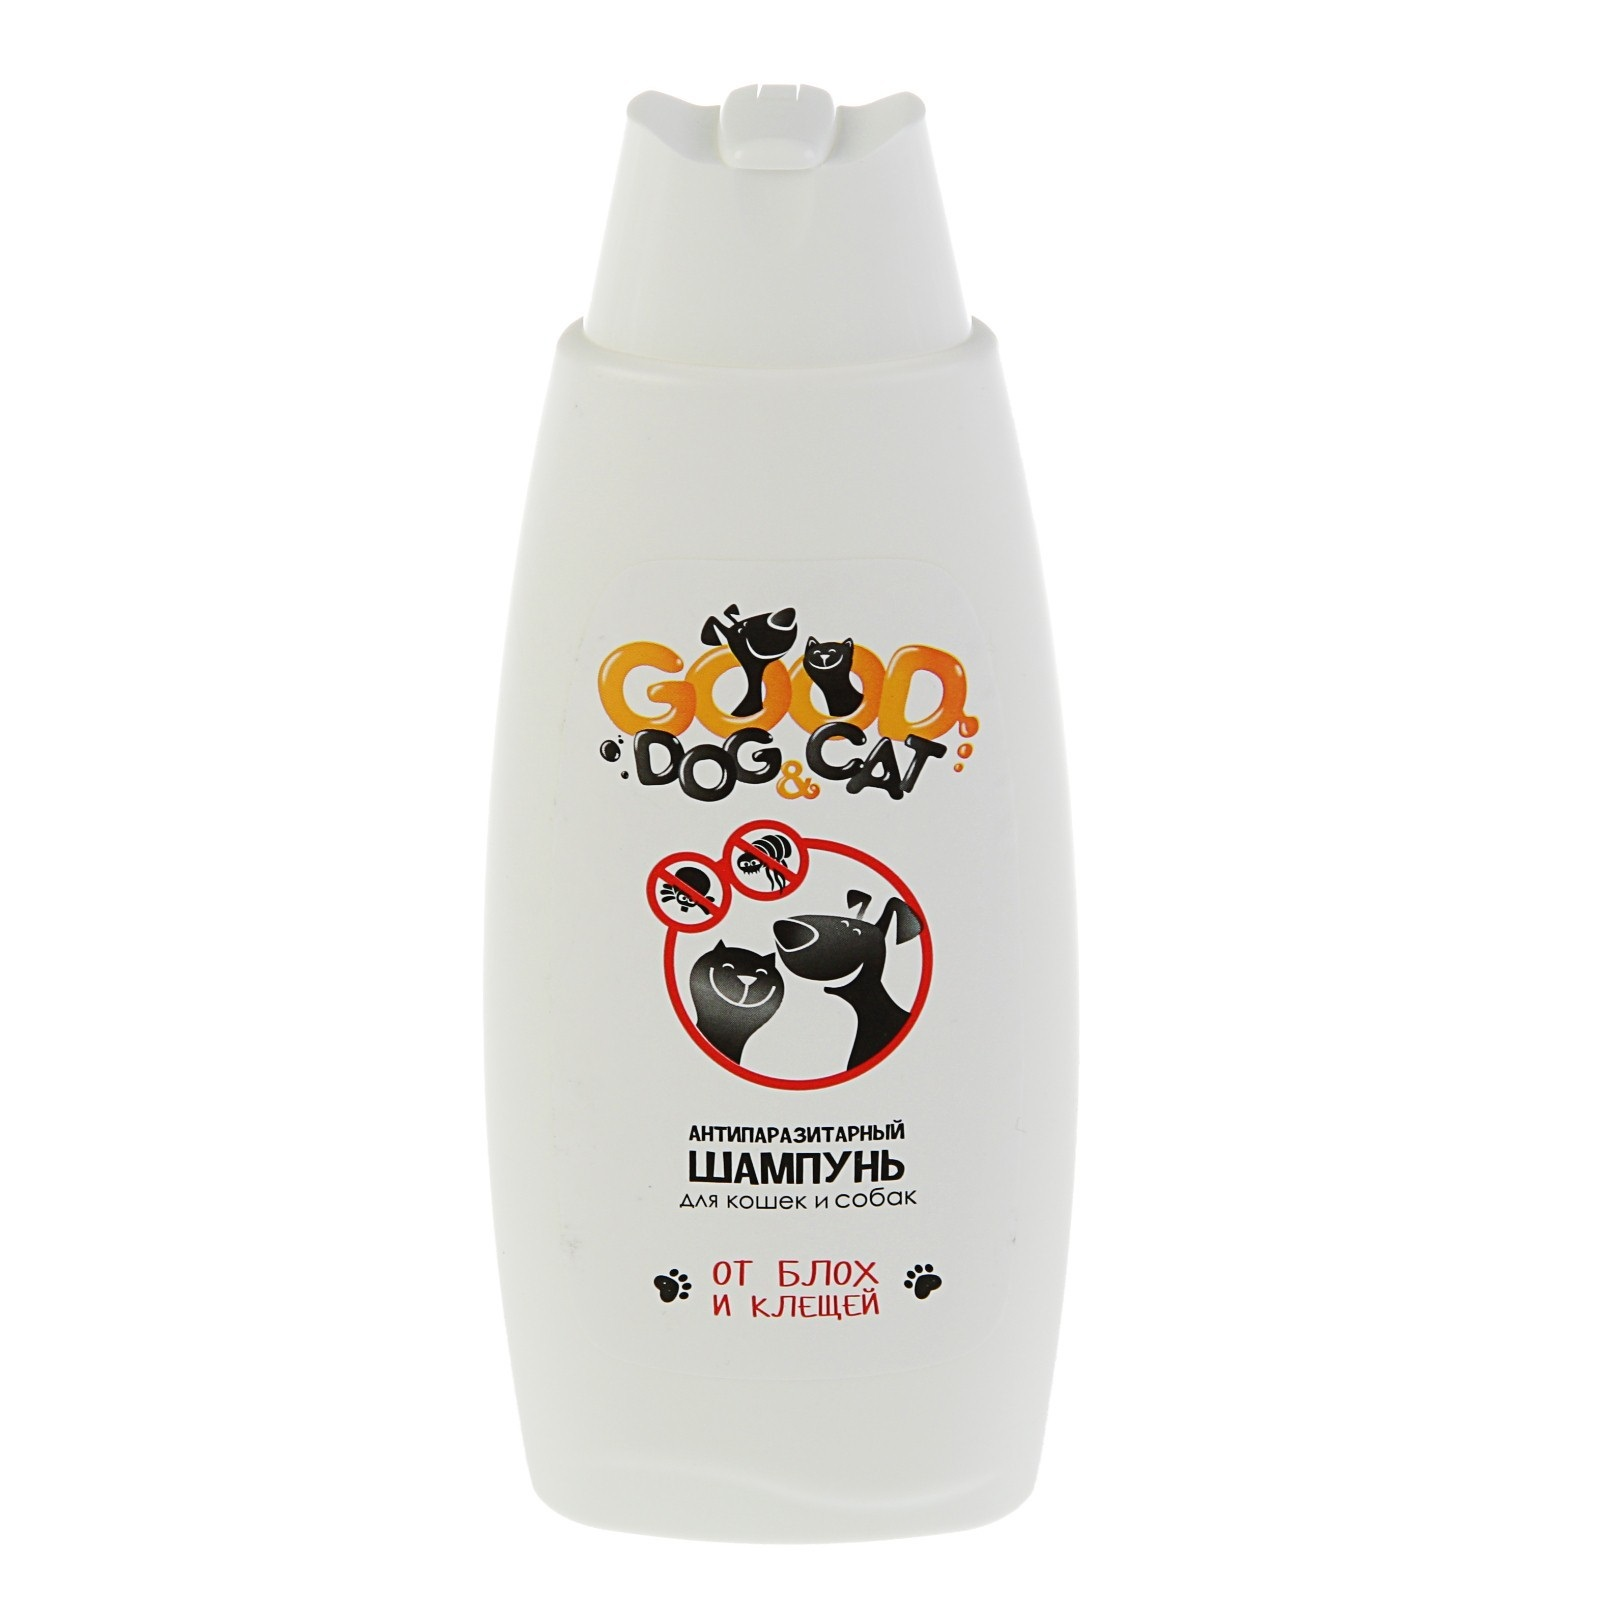 Шампунь для кошек и собак Good Dog #and# Cat Антипаразитарный универсальный, 250 мл